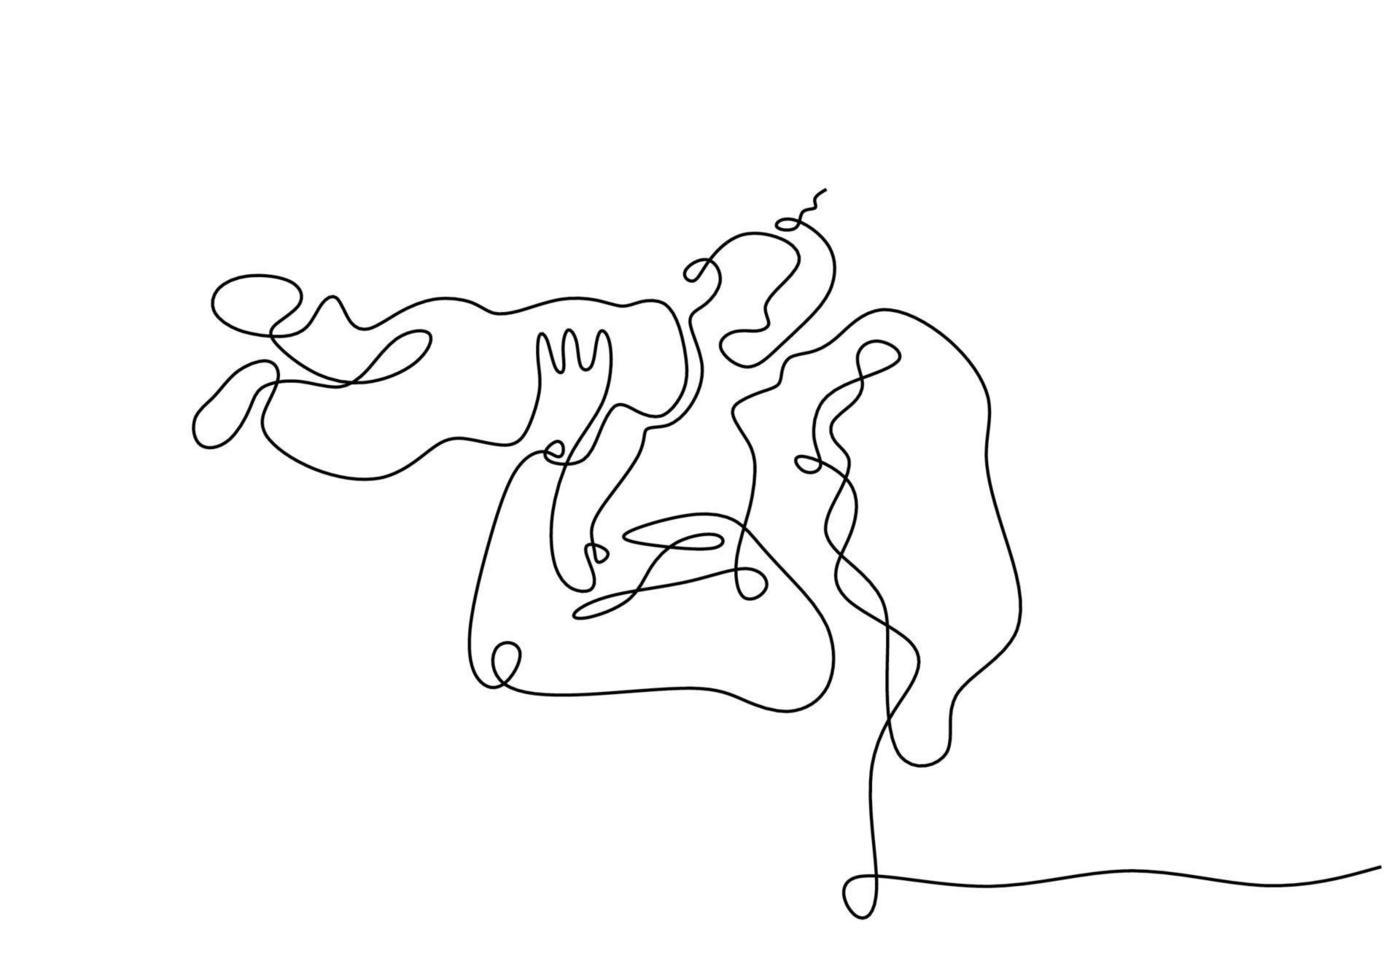 kontinuierliche einzeilige Zeichnung von Mutter und Kind vektor